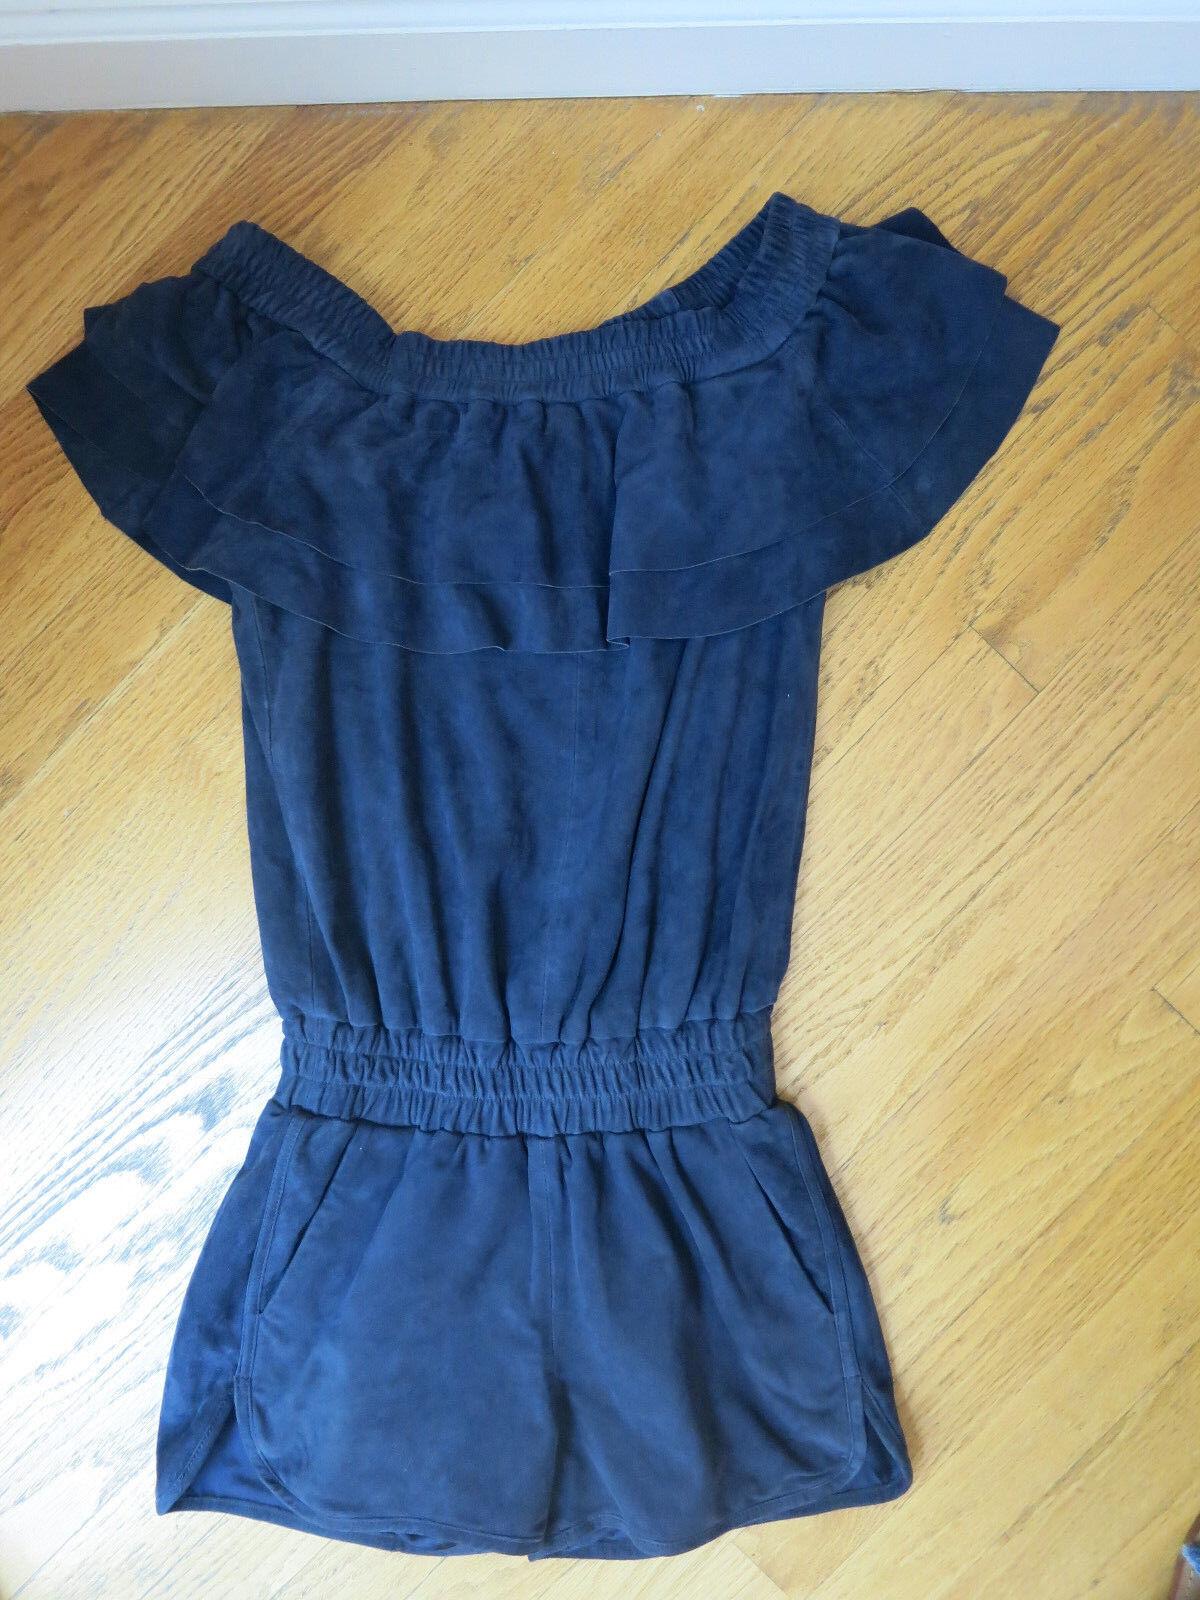 Diseñador REMIX Charlotte  Eskildsen azul Suede Mameluco Talla 32 EE. UU. 0,nuevo con etiquetas   Venta al por mayor barato y de alta calidad.